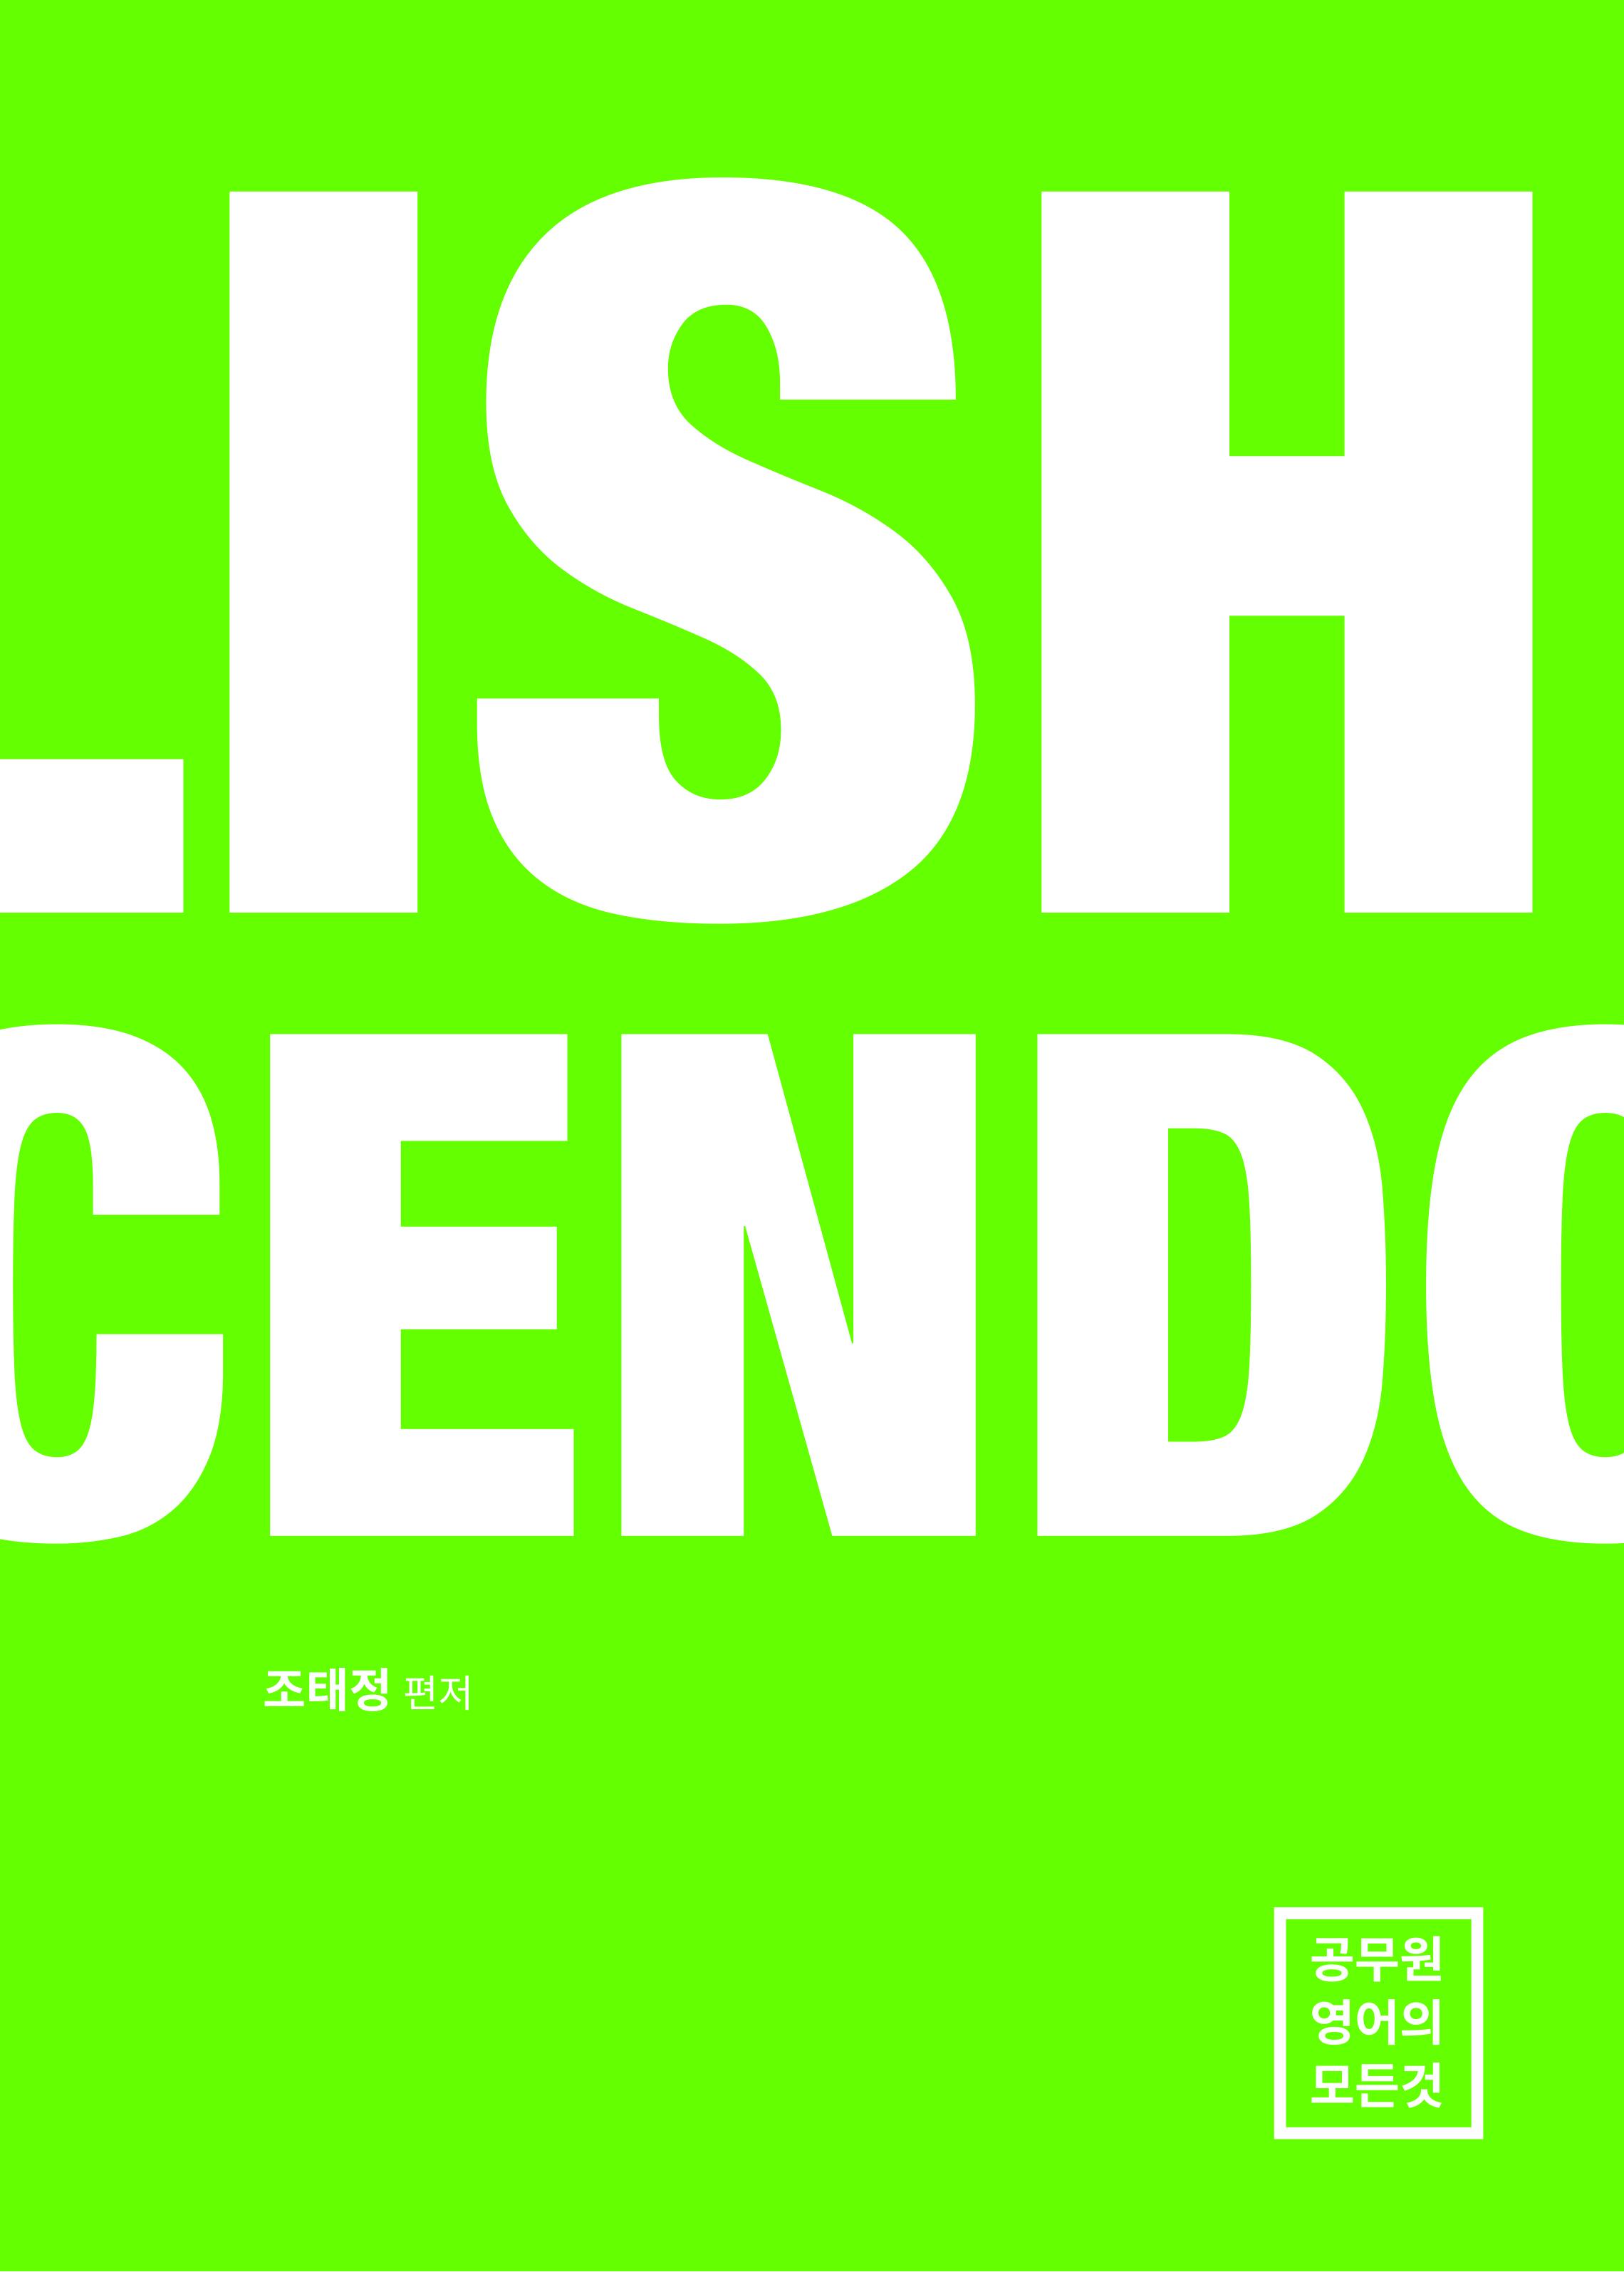 조태정 English Crescendo - Green